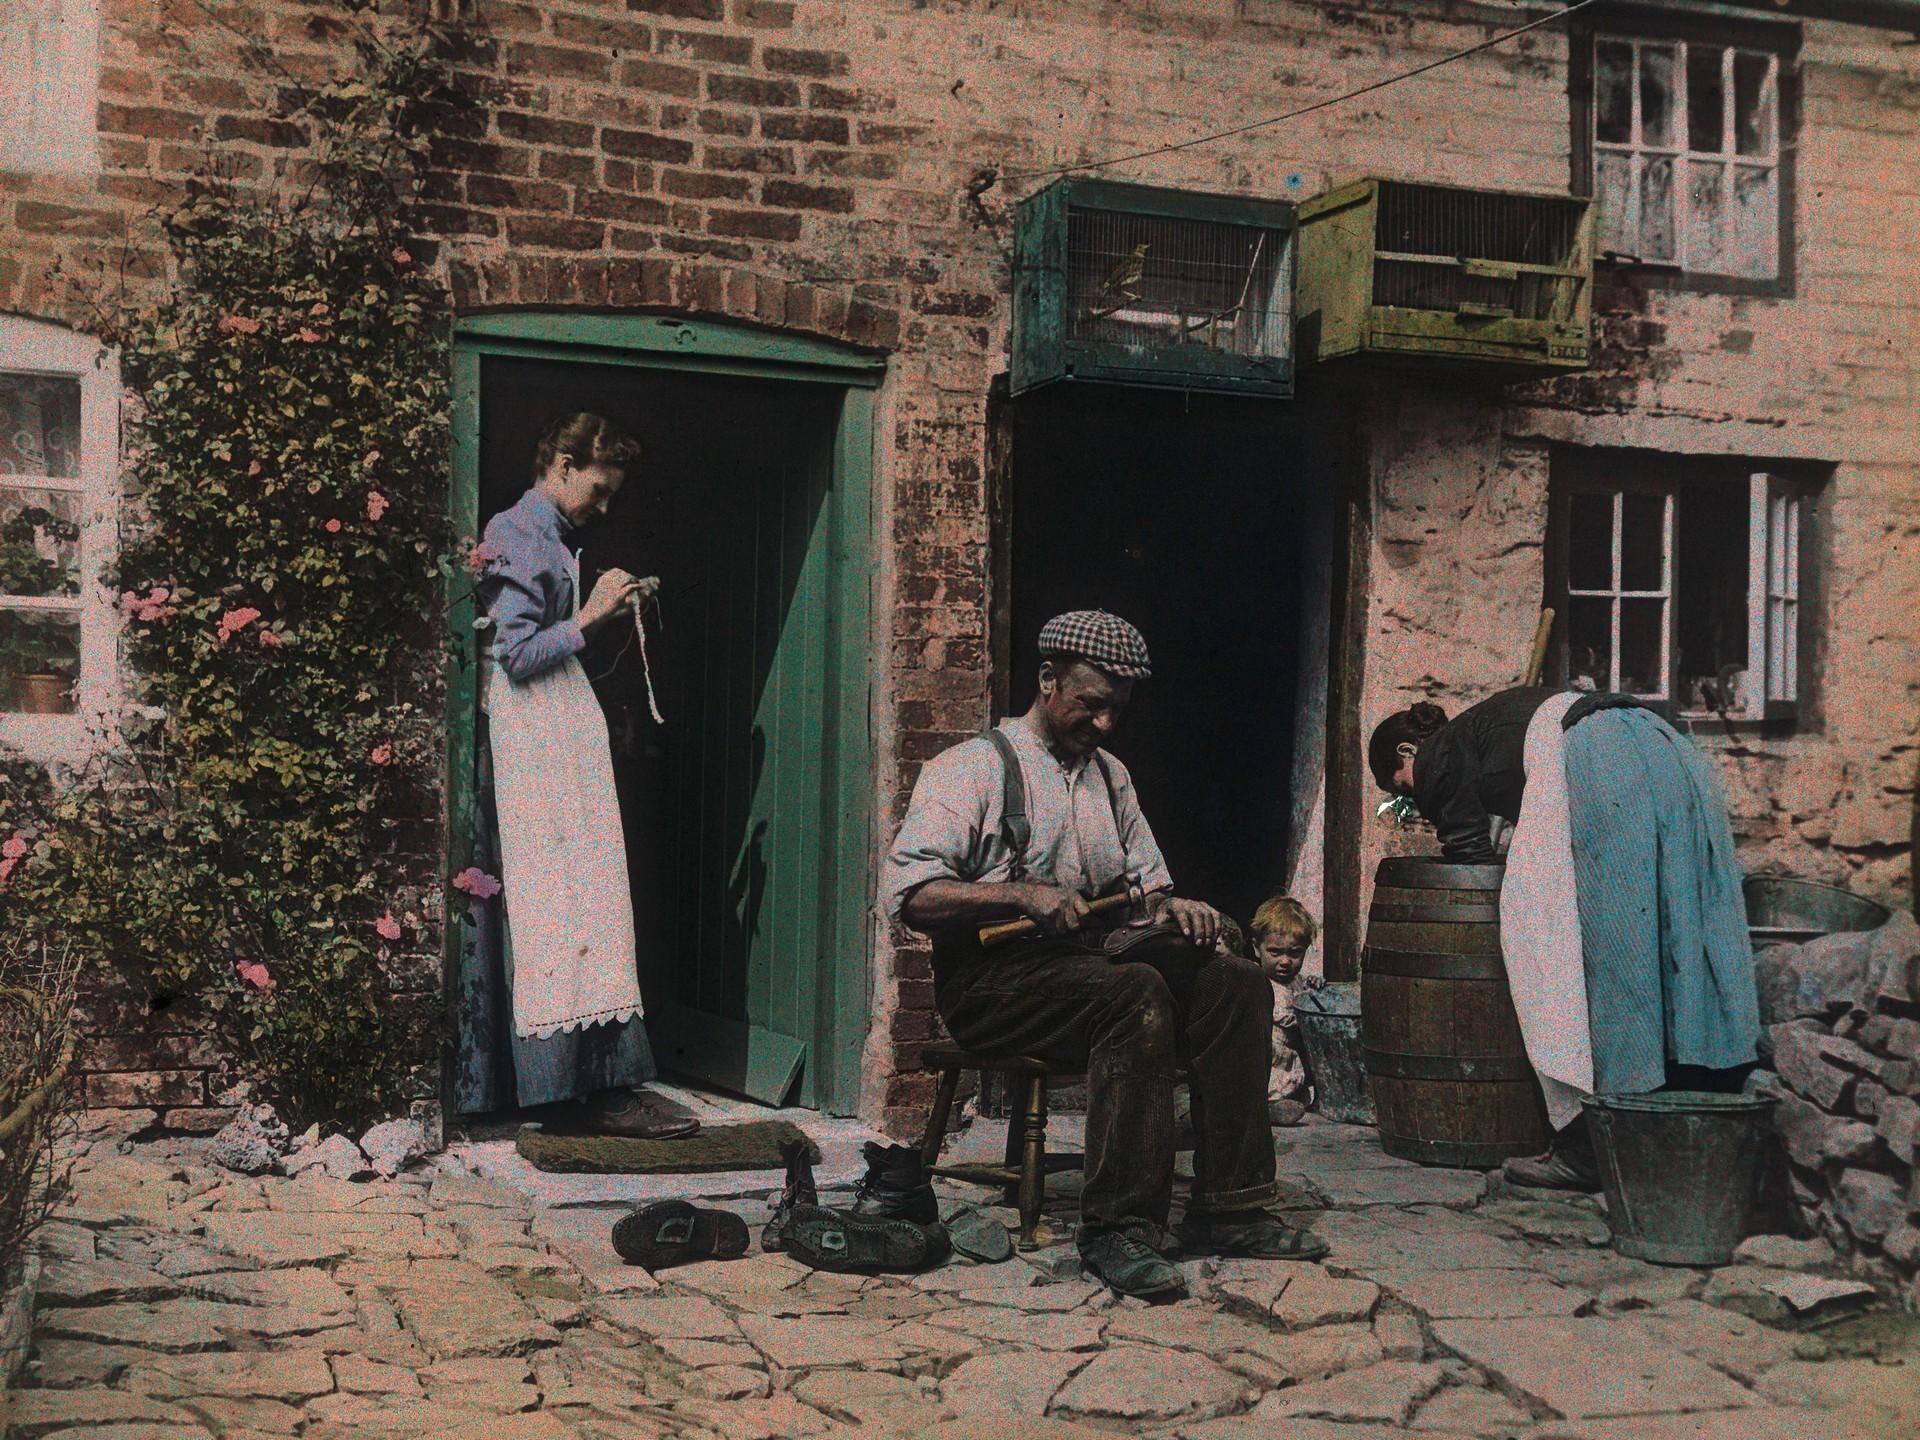 Сапожник, 1912. Автохром, фотограф Артур Э. Мортон